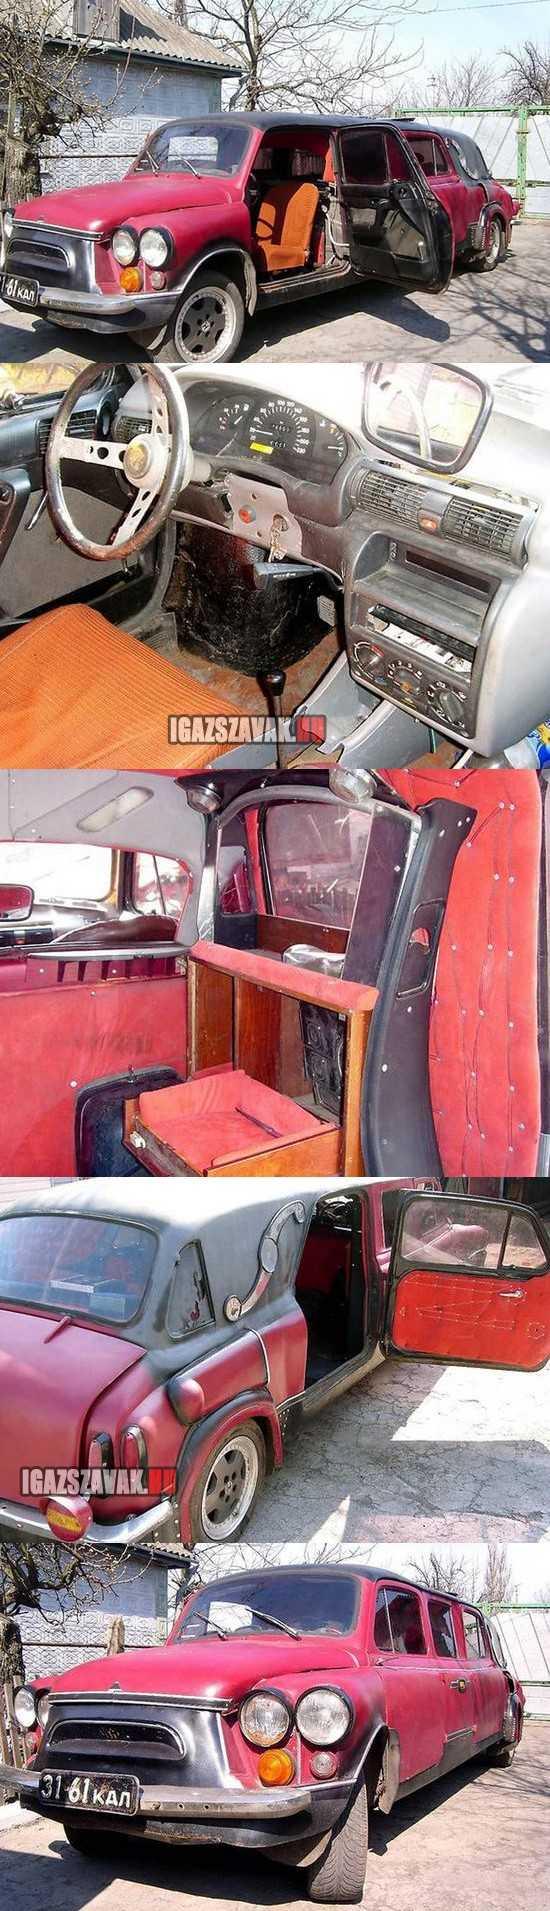 sufniban tákolt szörny-limuzin